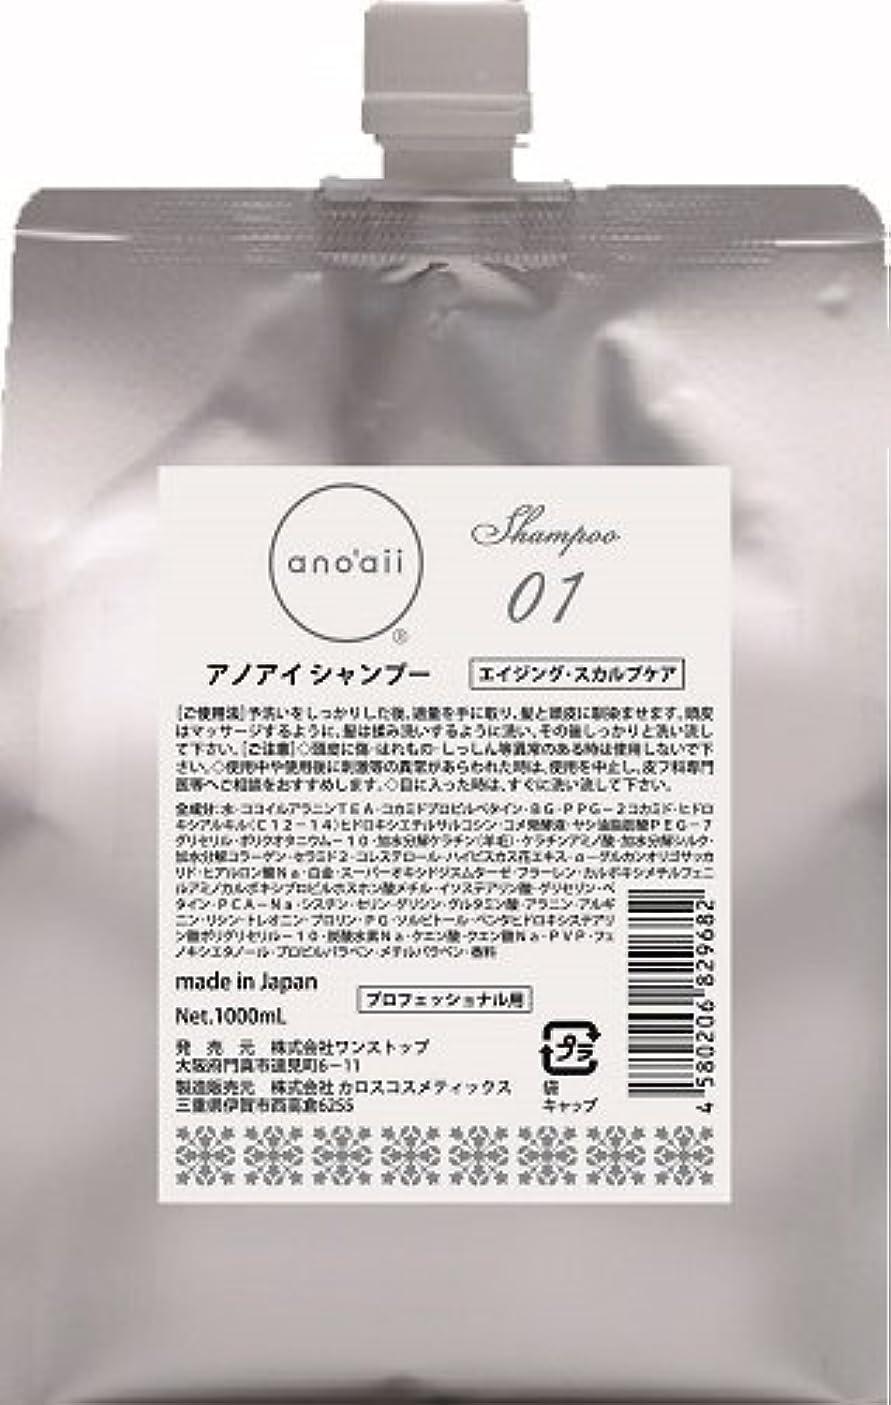 ひらめきジャケットふりをするanoaii (アノアイ) エイジングスカルプシャンプー 1000ml レフィル